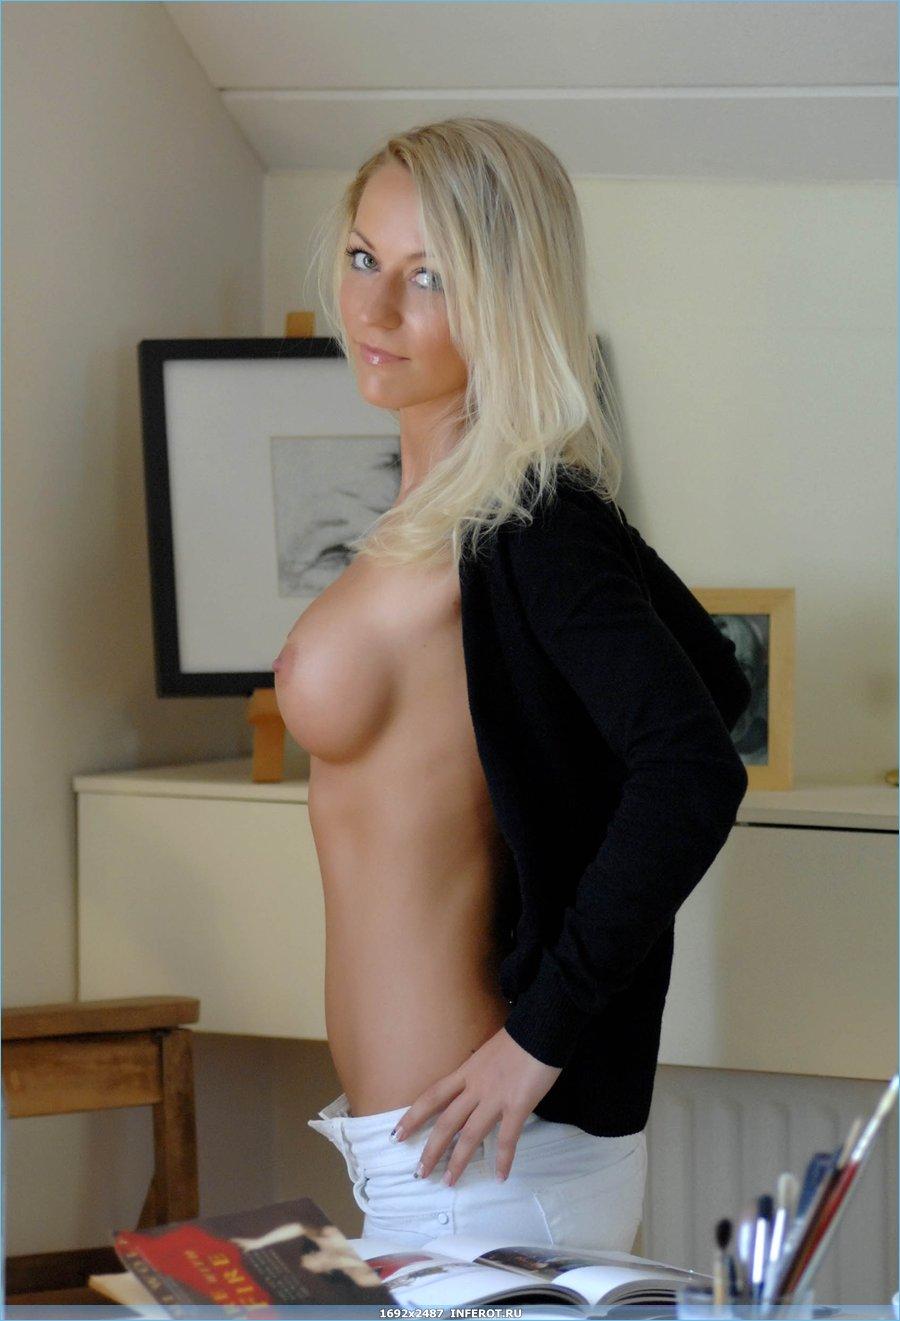 Эротические фото сексуальной блондинки на столе (20 фото)